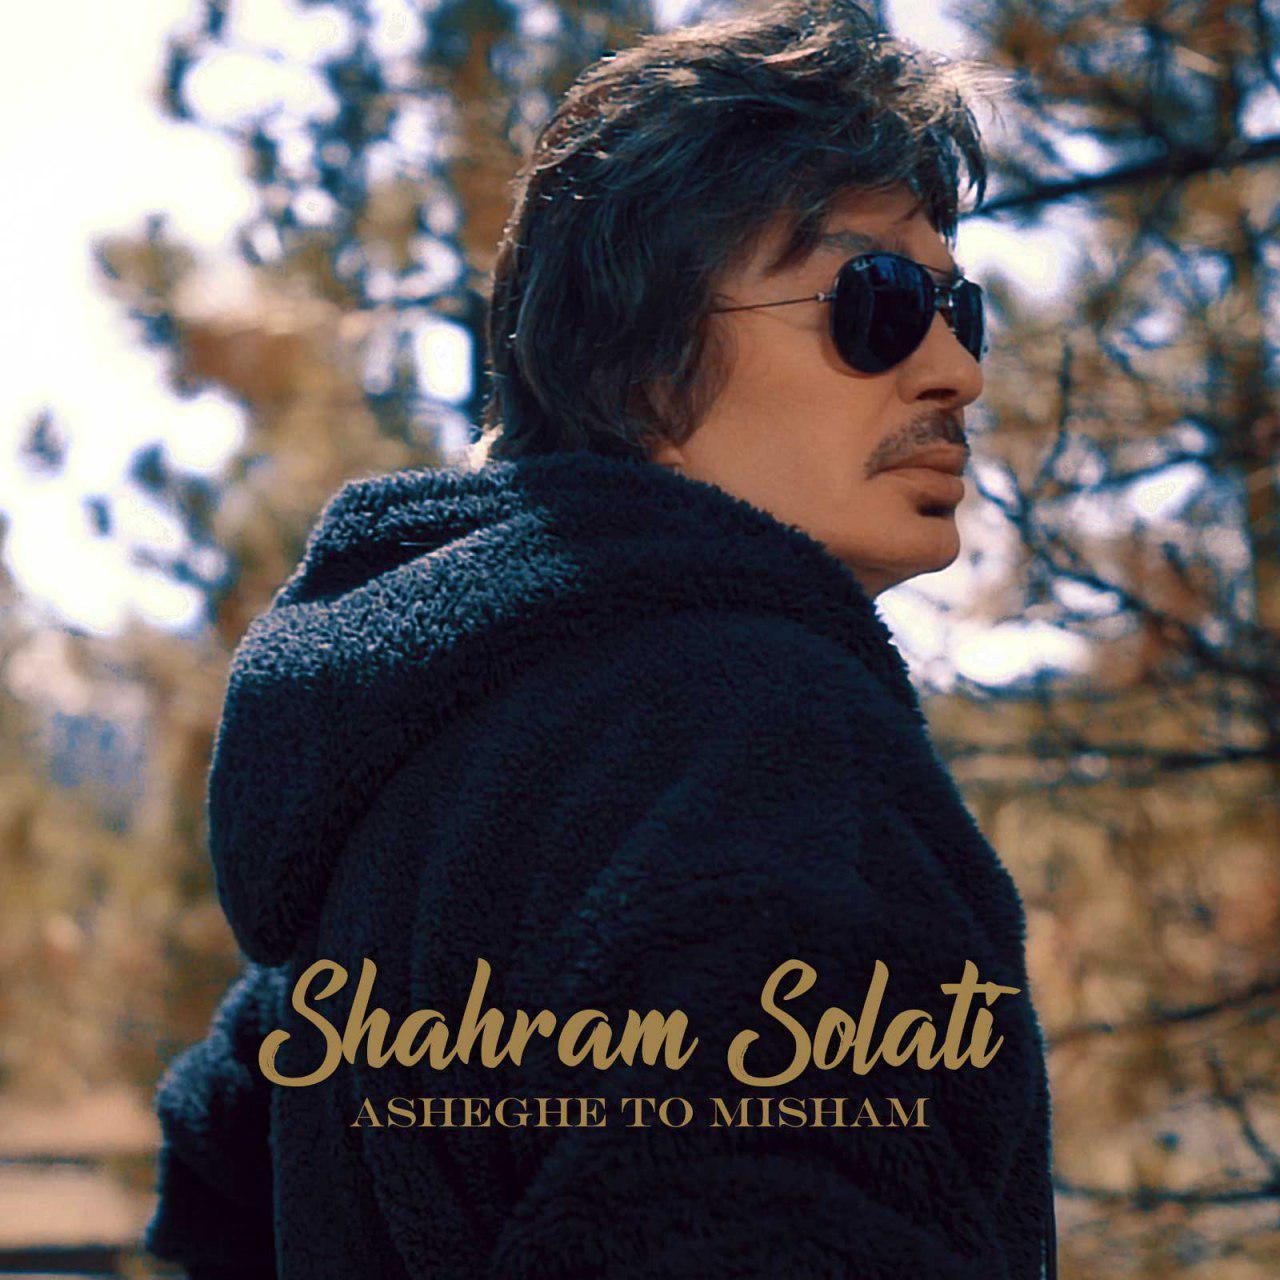 Shahram Solati – Asheghe To Misham